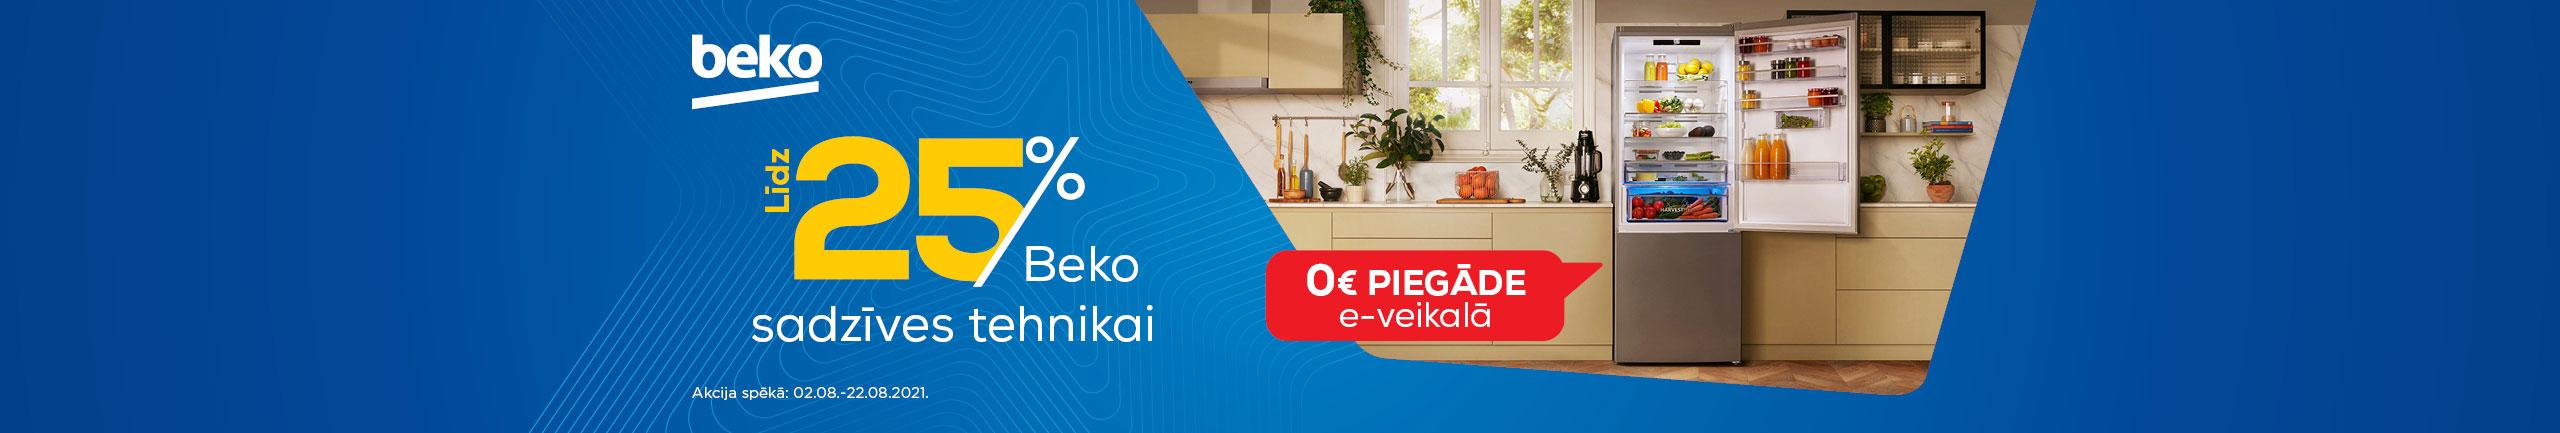 GR NPL Beko 25%